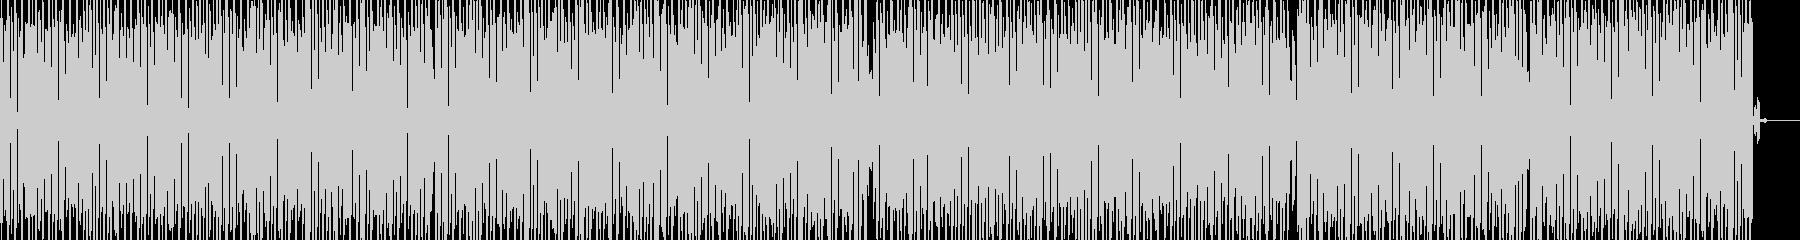 キャラ選択のBGMっぽいポップなテクノの未再生の波形